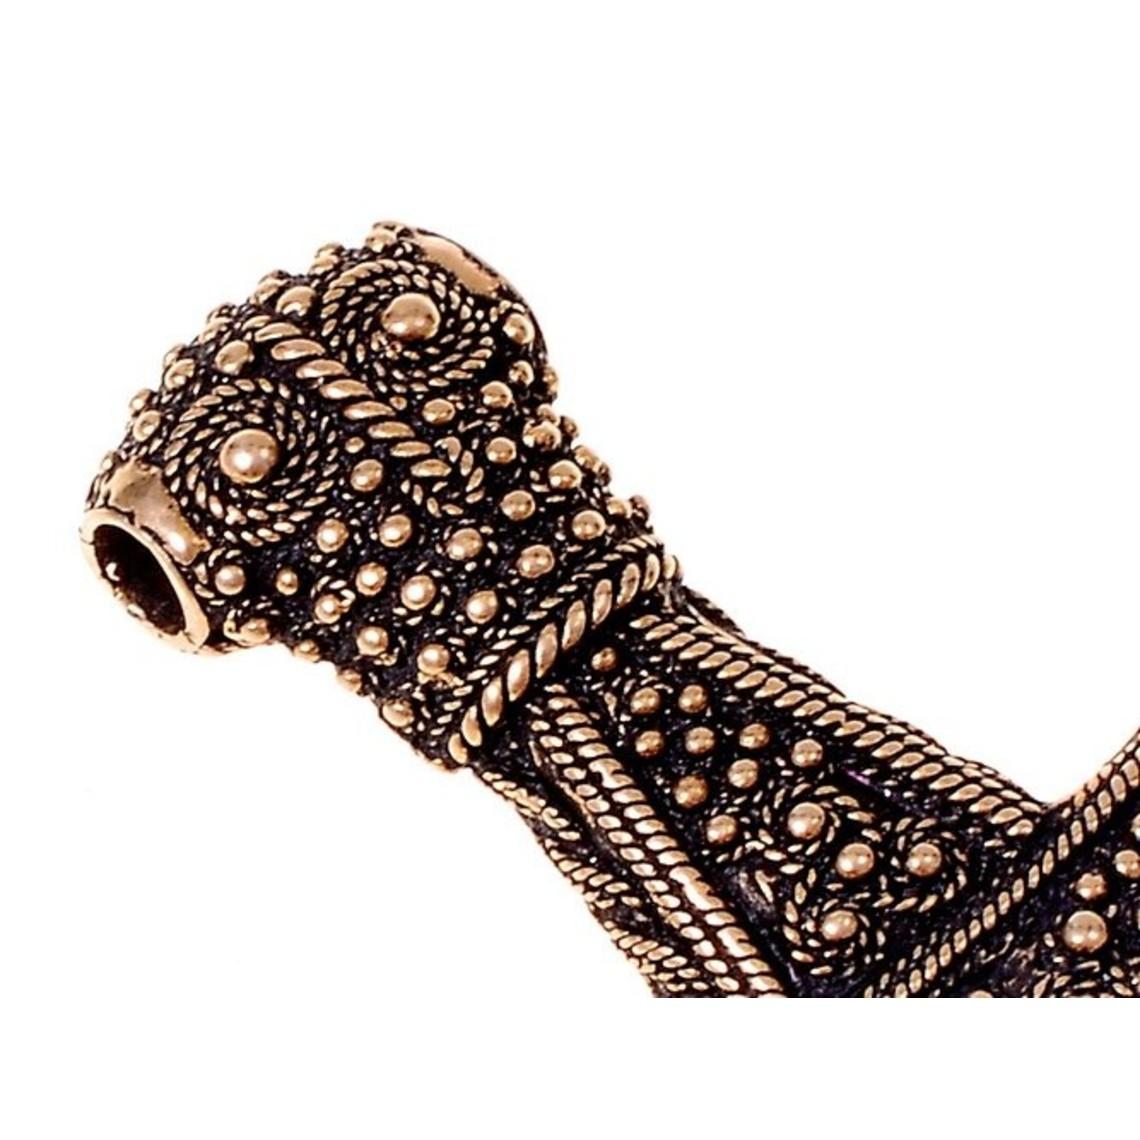 martillo de Öland de Thor, bronce